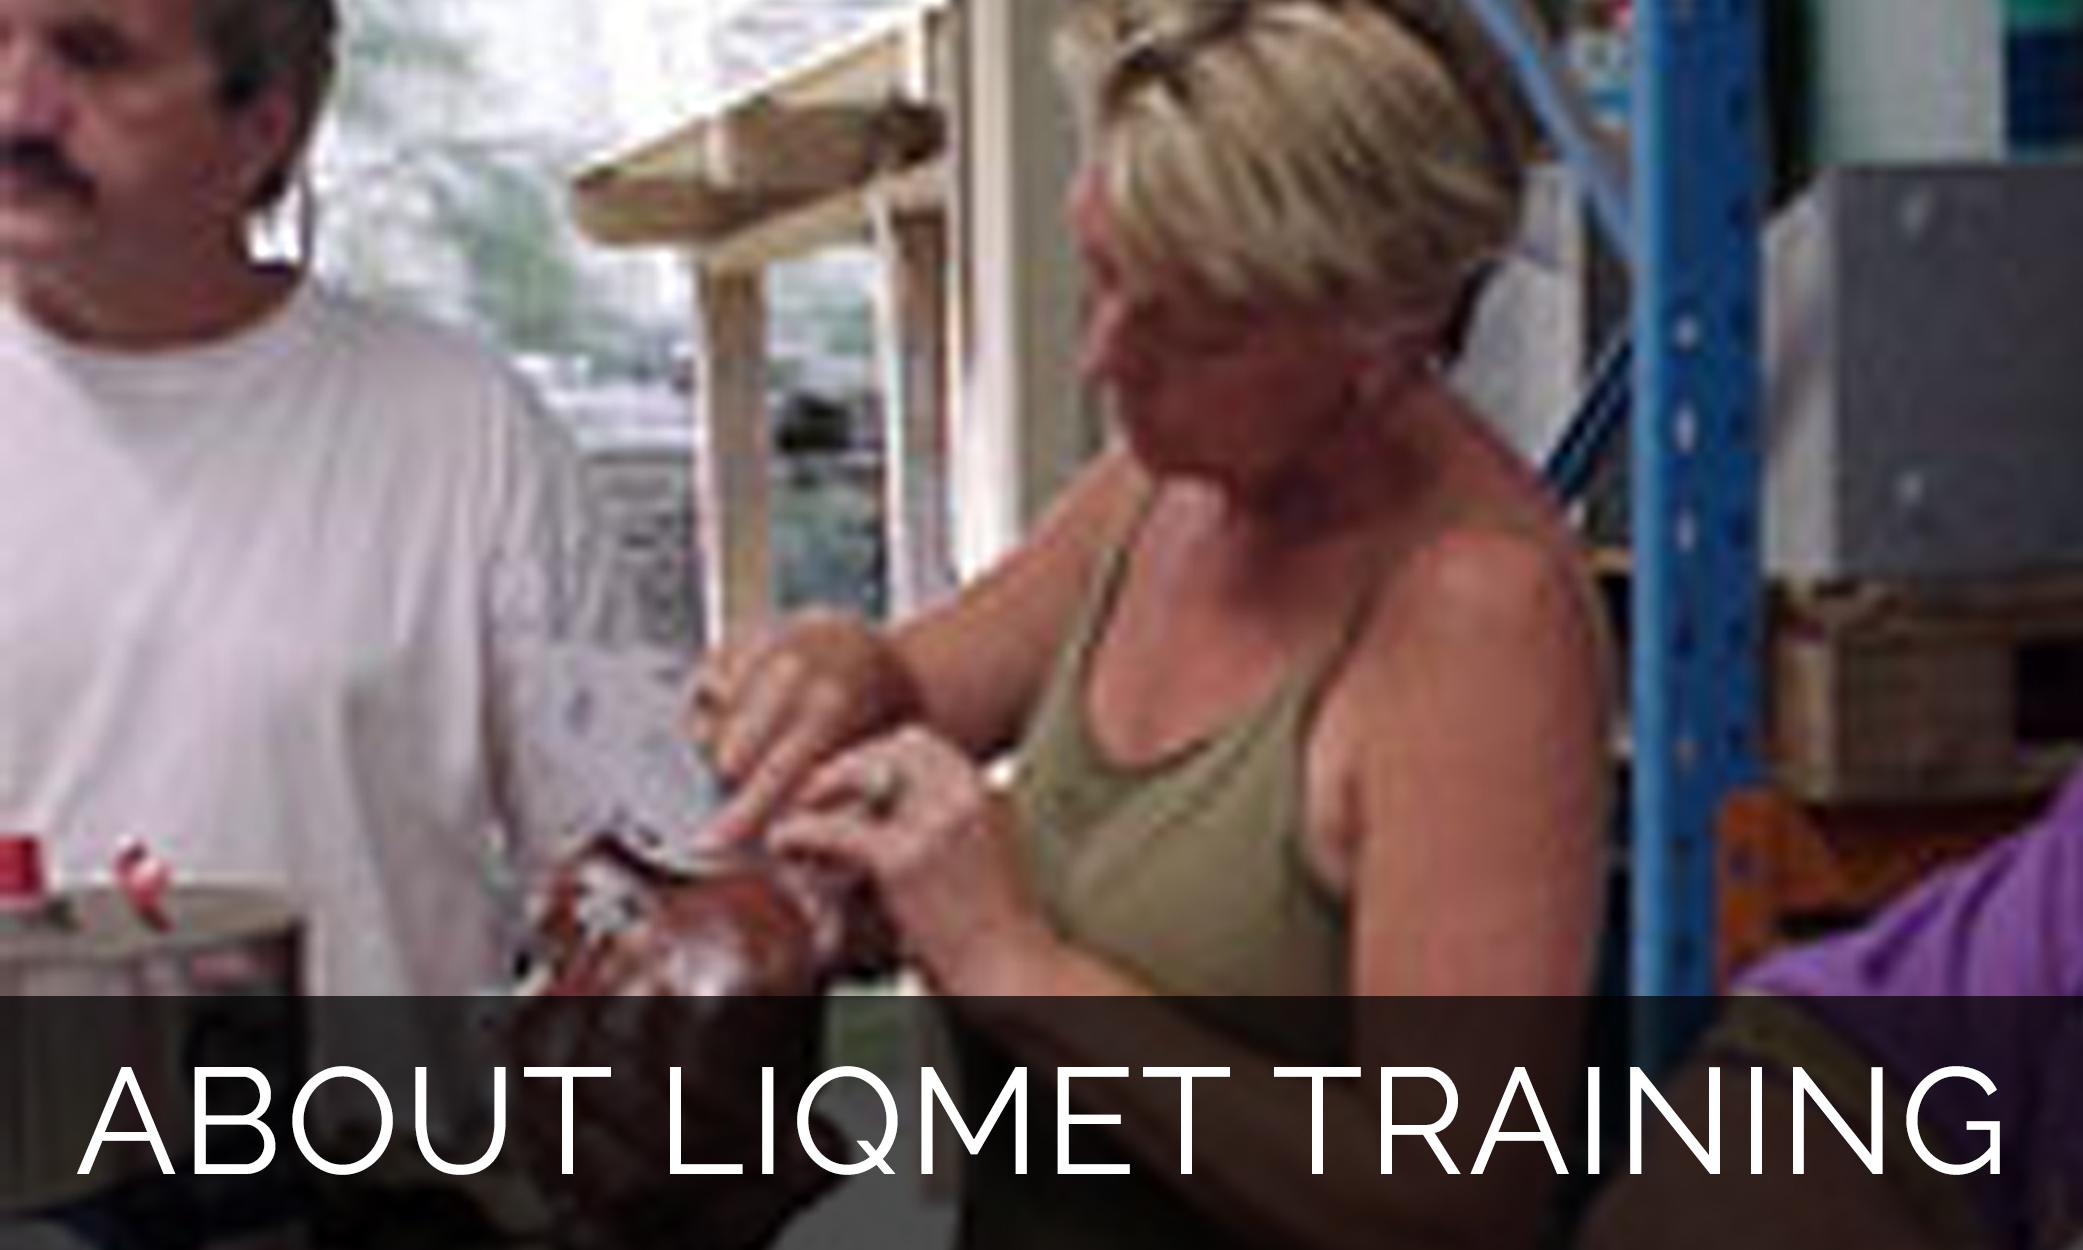 liqmet-training.jpg